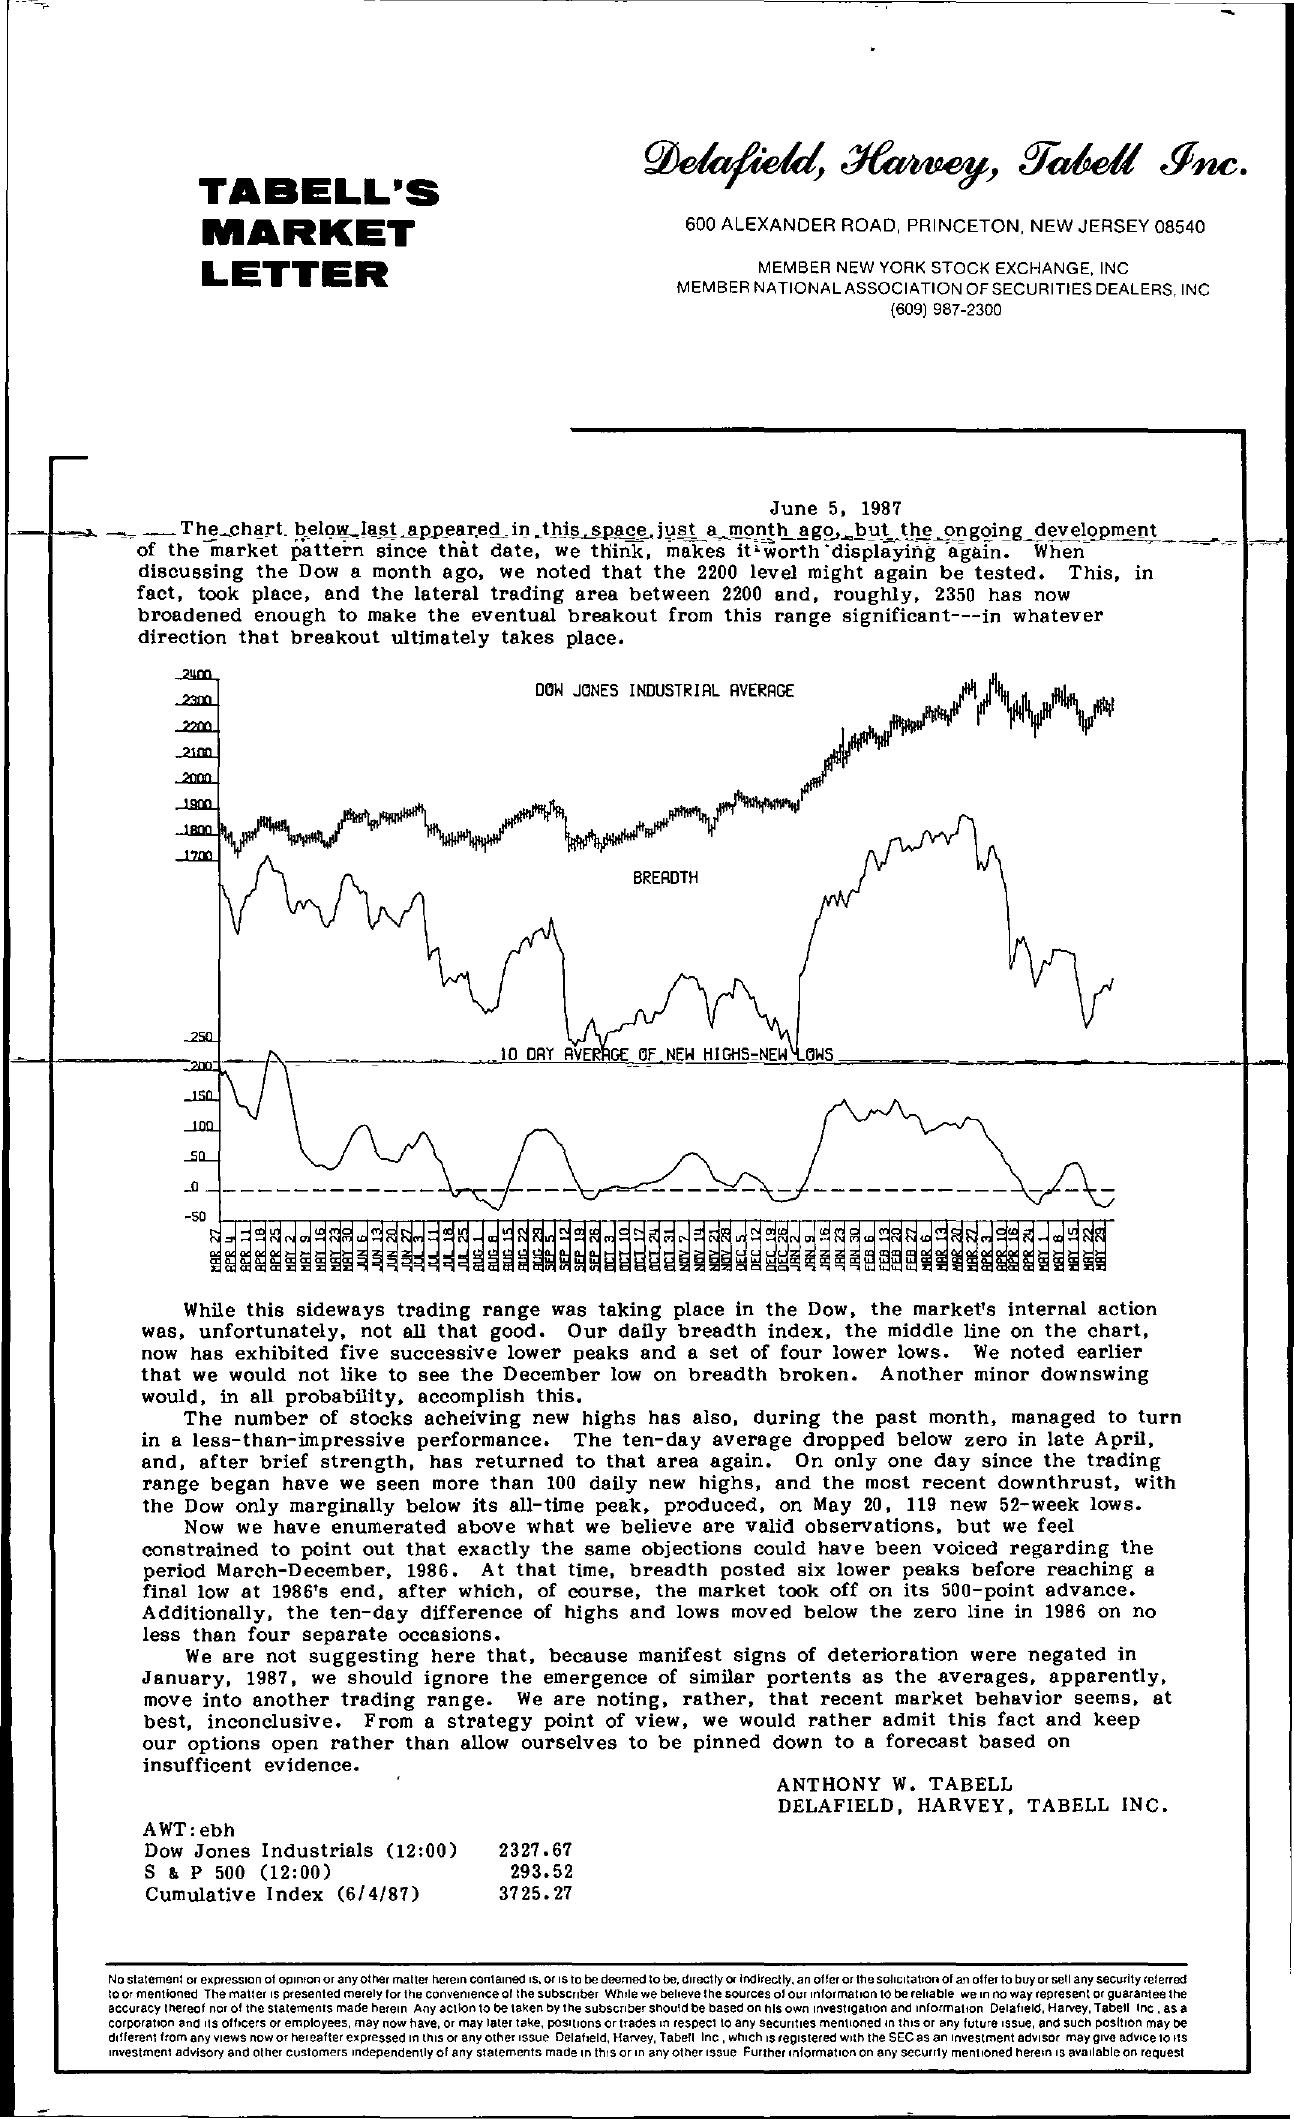 Tabell's Market Letter - June 05, 1987